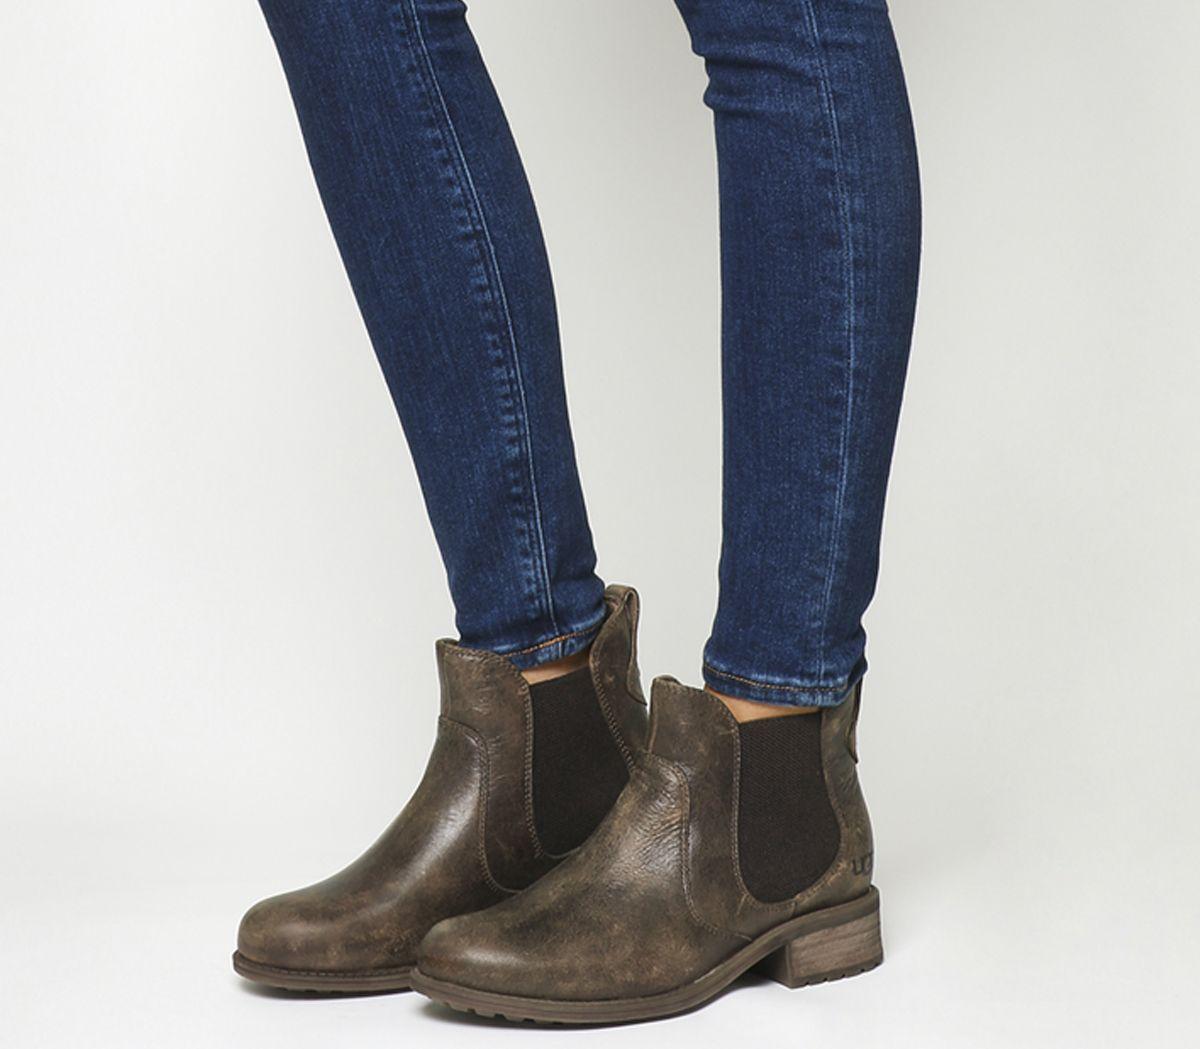 425a5bda117 Bonham Chelsea Boot